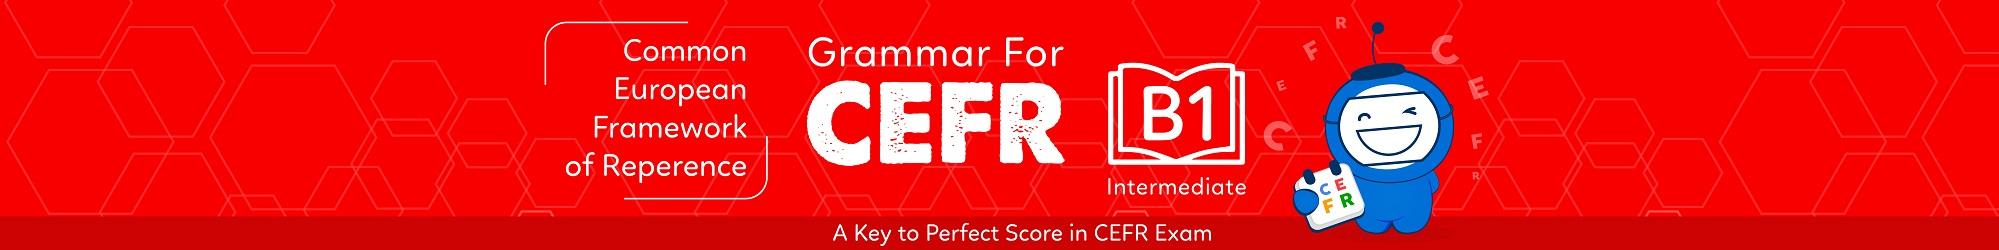 GRAMMAR FOR CEFR (B1) banner